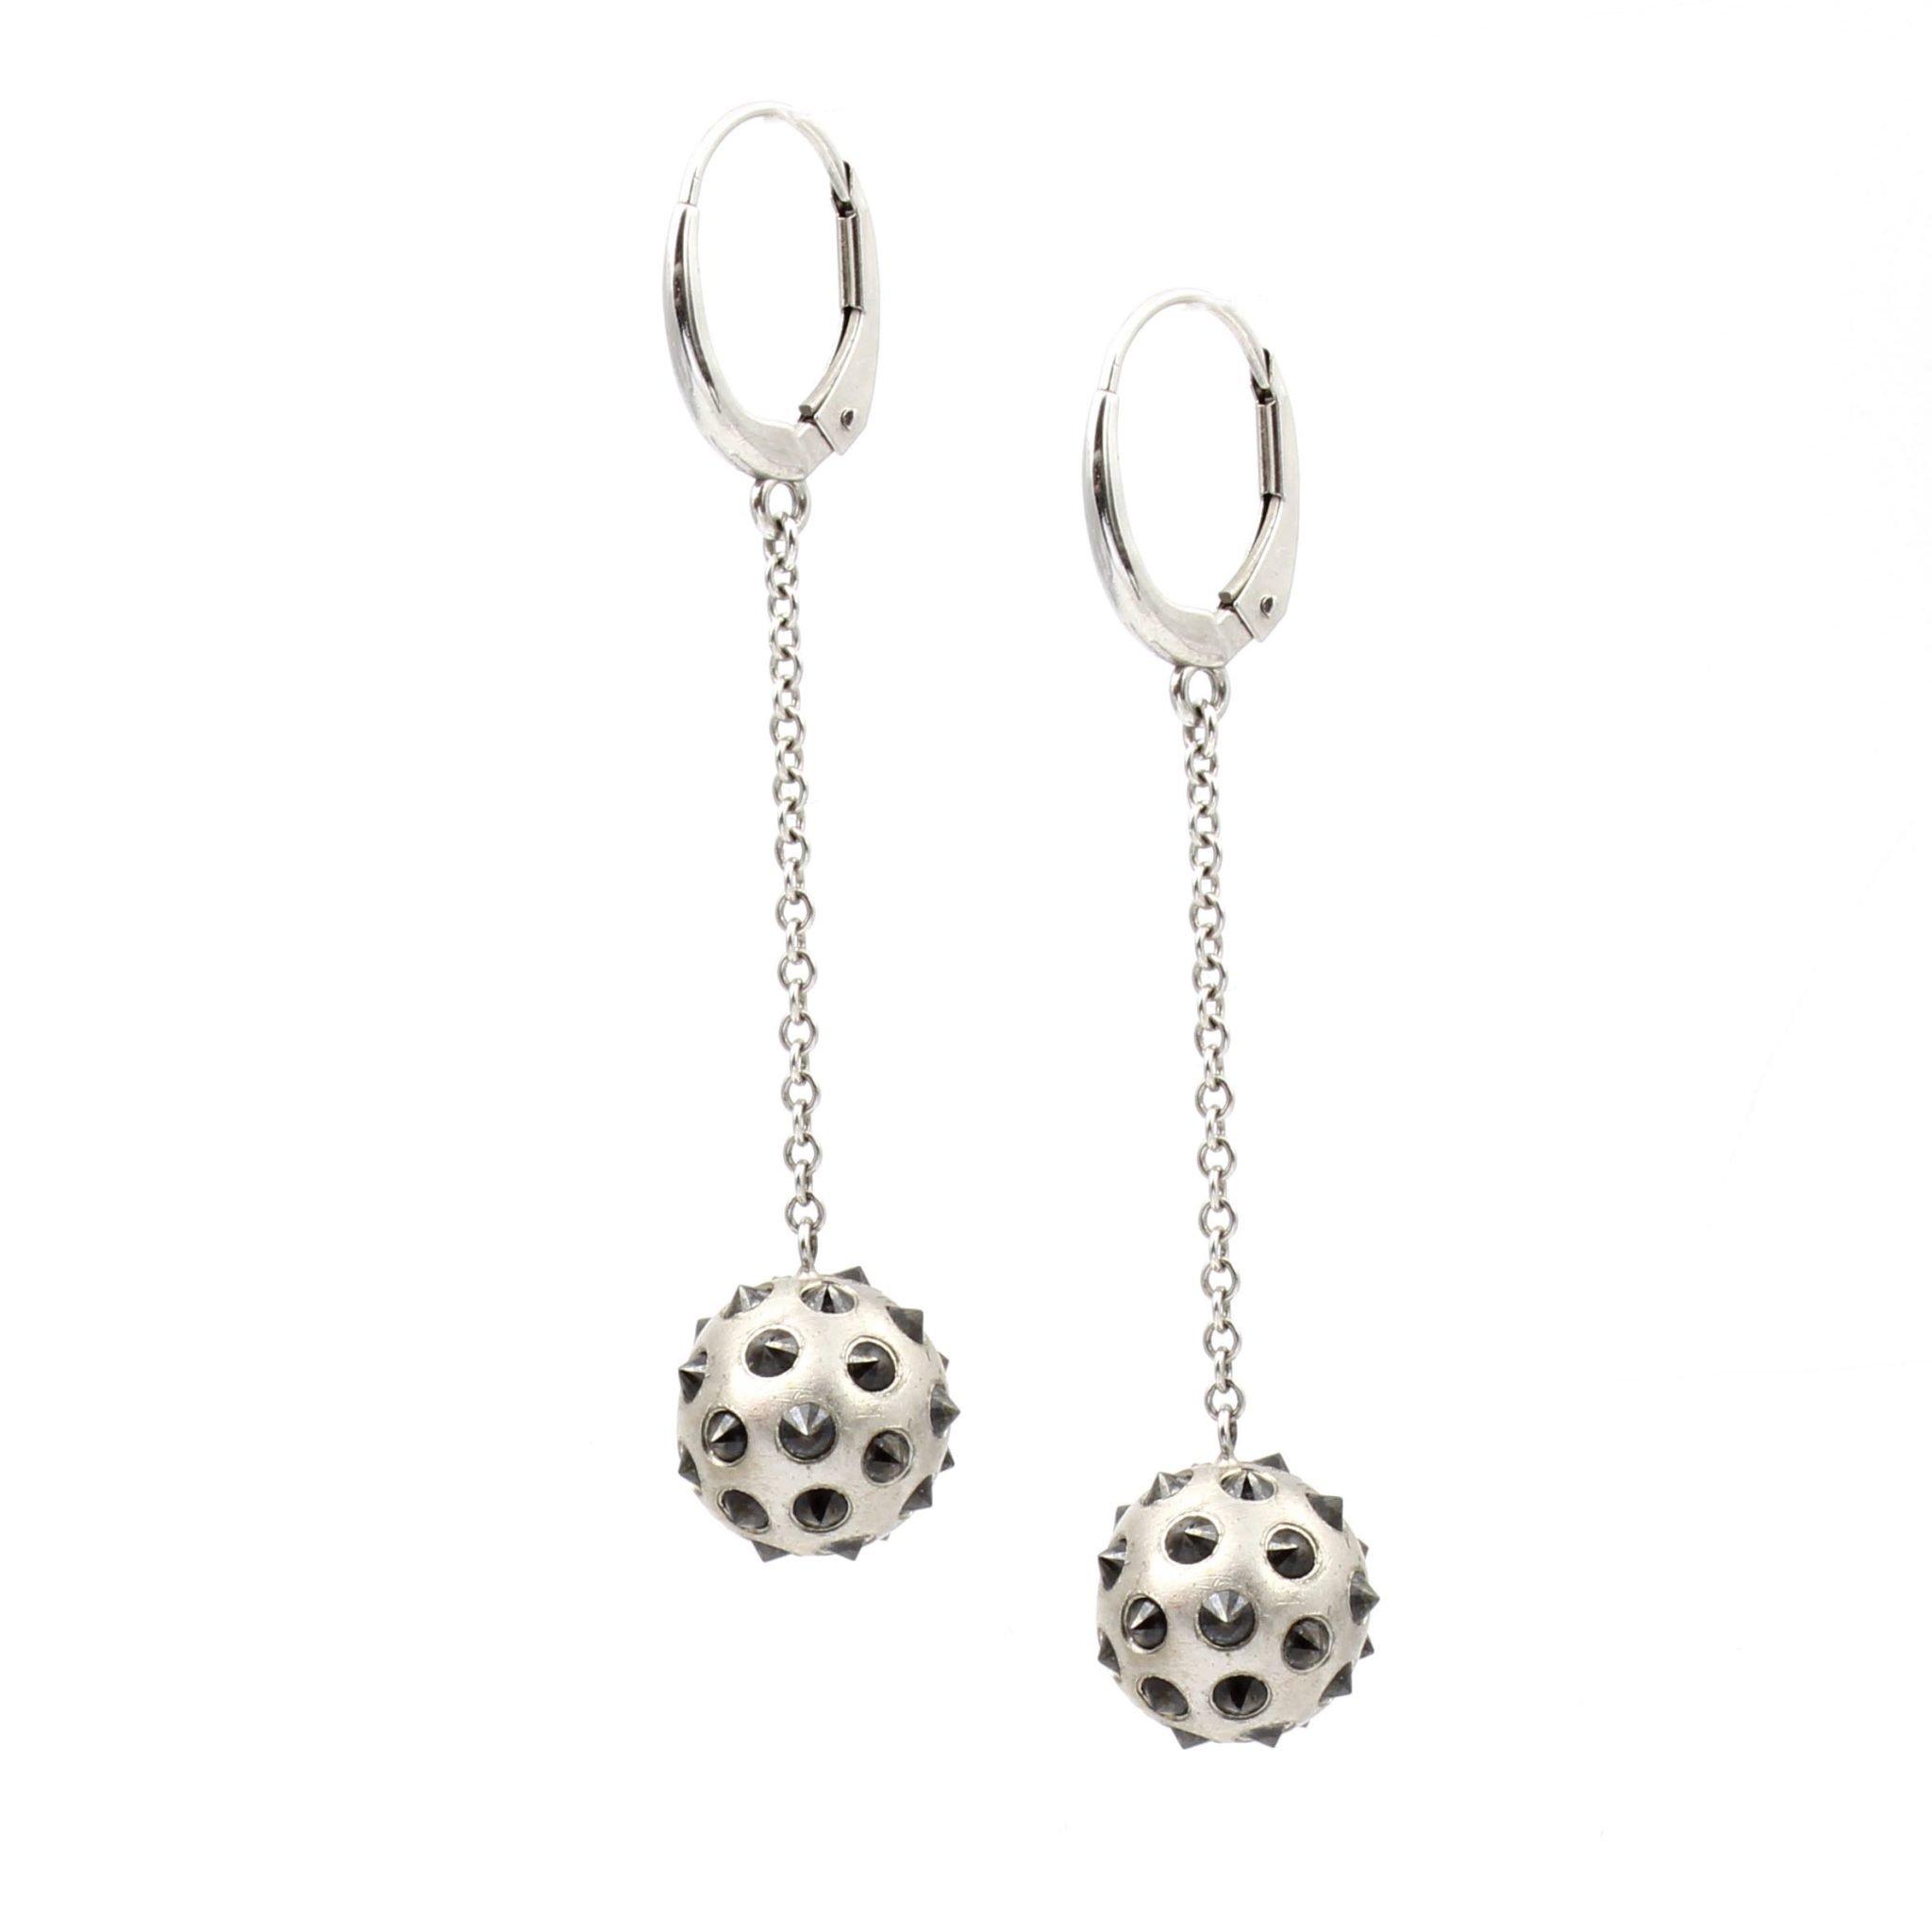 Inverted Black Diamond Ball Earrings